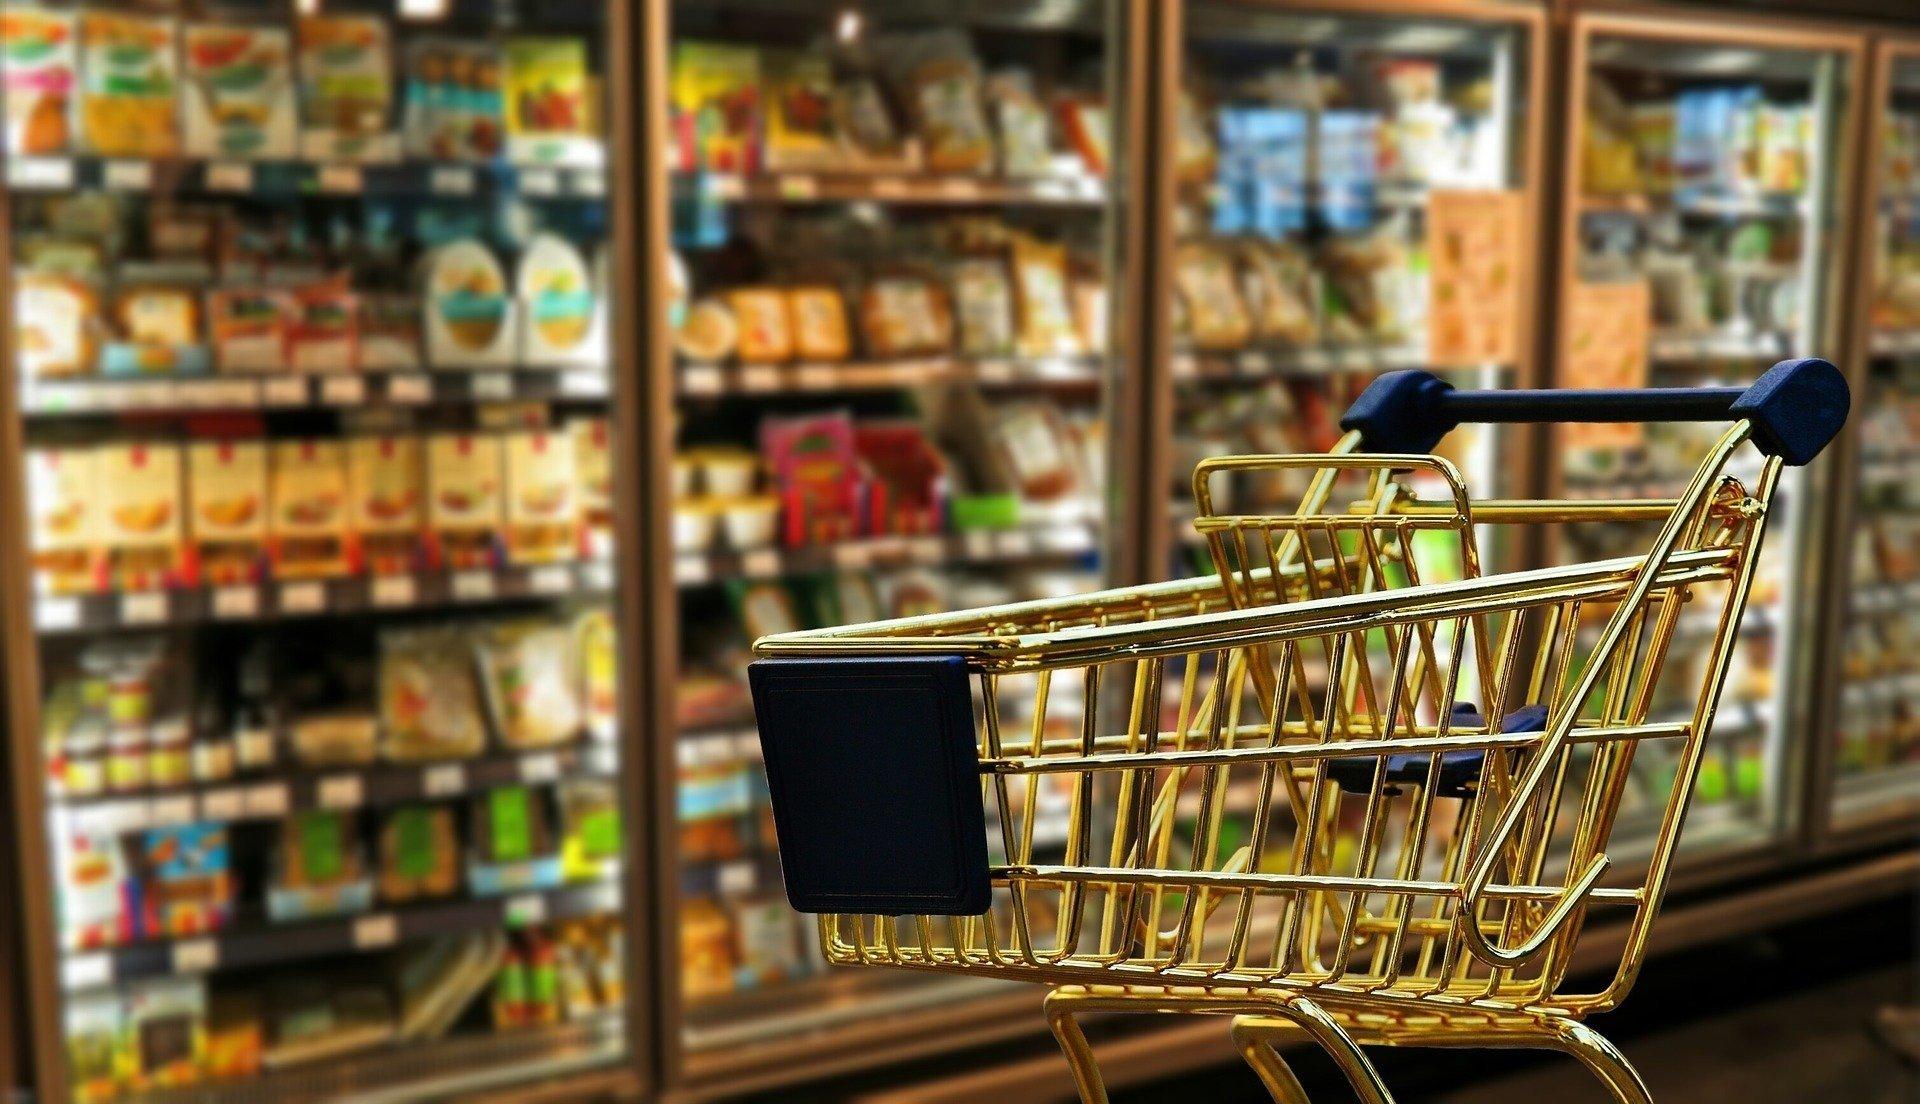 Godziny otwarcia sklepów 26.12 - 31.12.2020. Co z zakupami w sylwestra? Wiemy, w jakich godzinach będą otwarte sklepy pod koniec grudnia | Dziennik Bałtycki